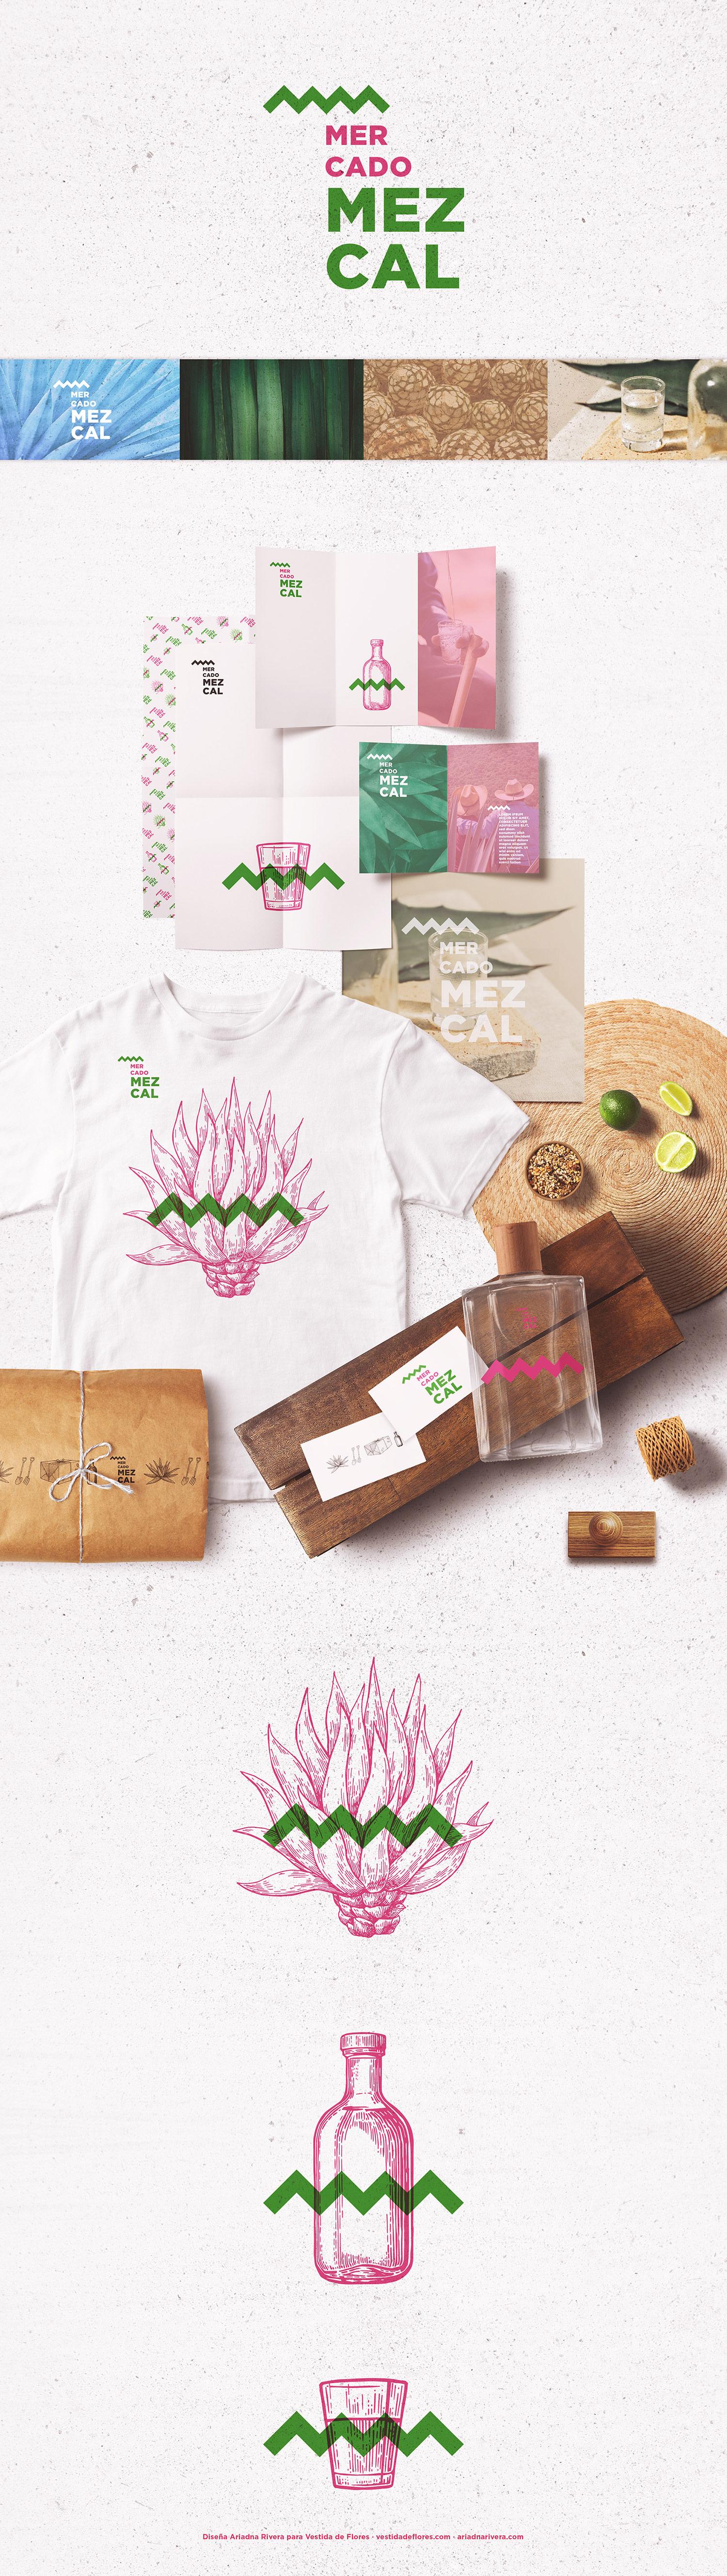 Vestida de flores - Diseño Identidad Corporativa Mercado Mezcal